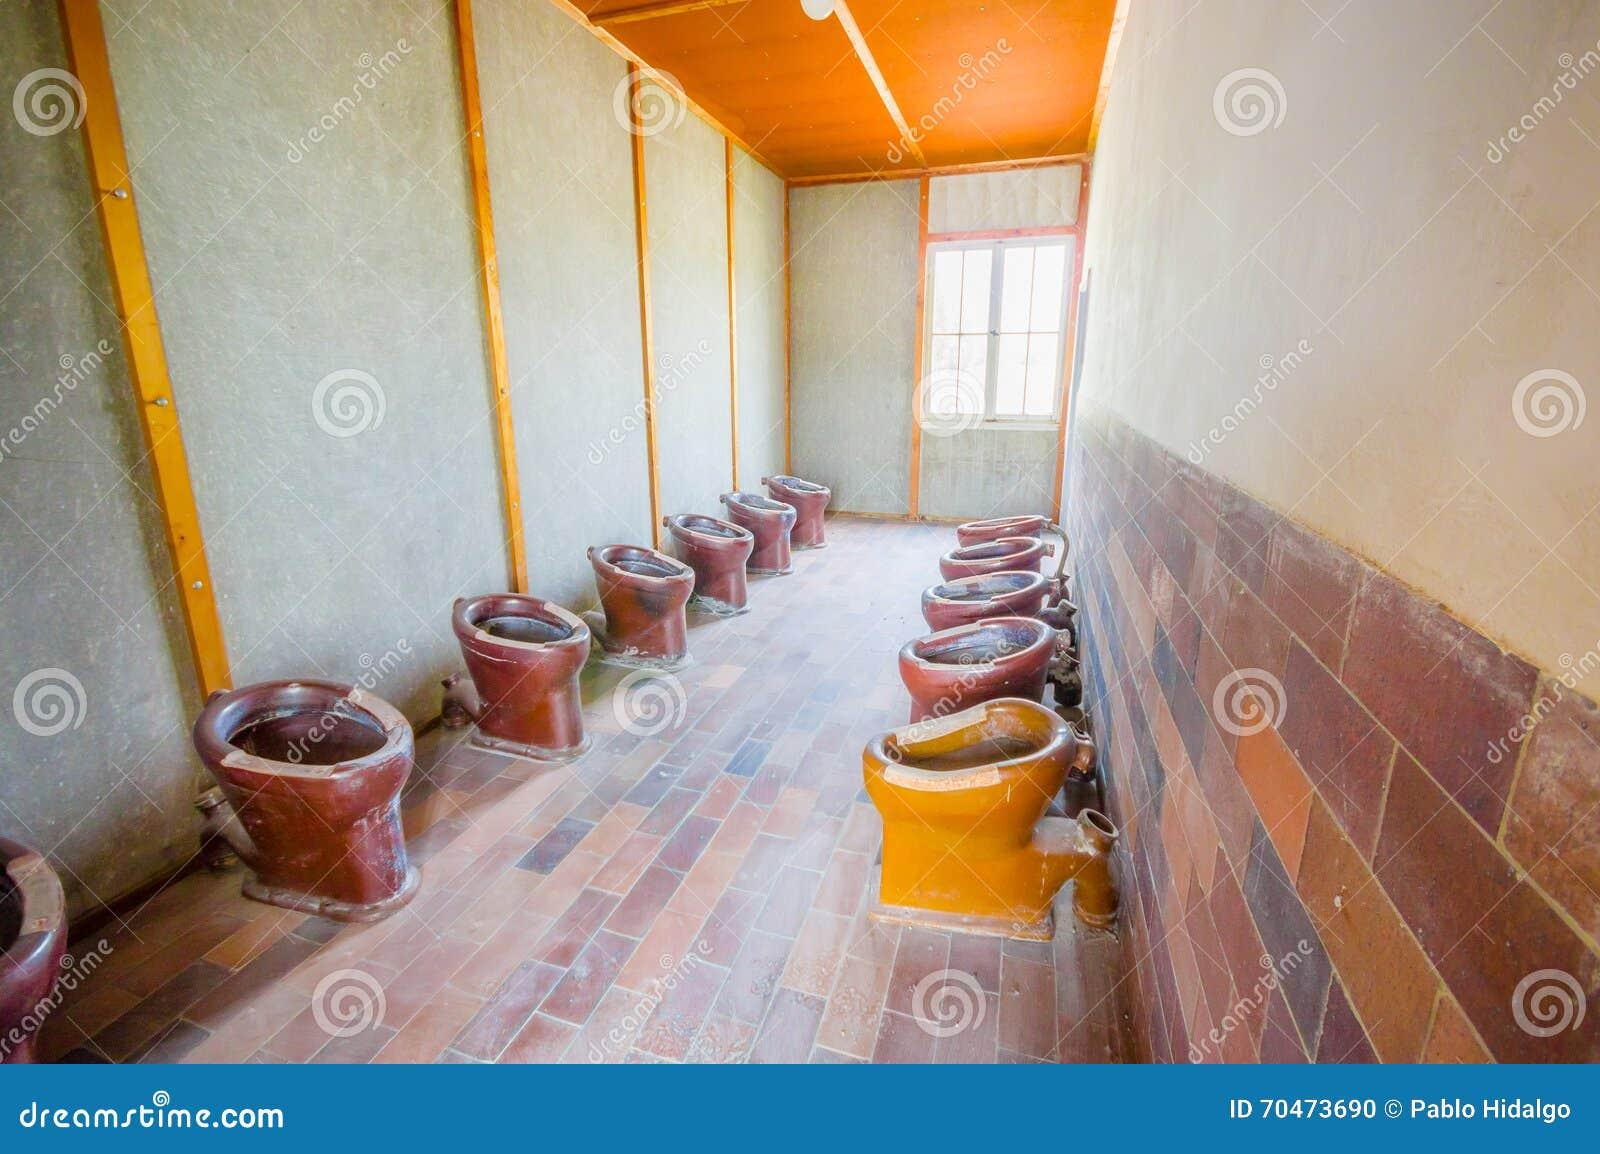 Salle De Bain Allemagne dachau, allemagne - 30 juillet 2015 : la salle de bains